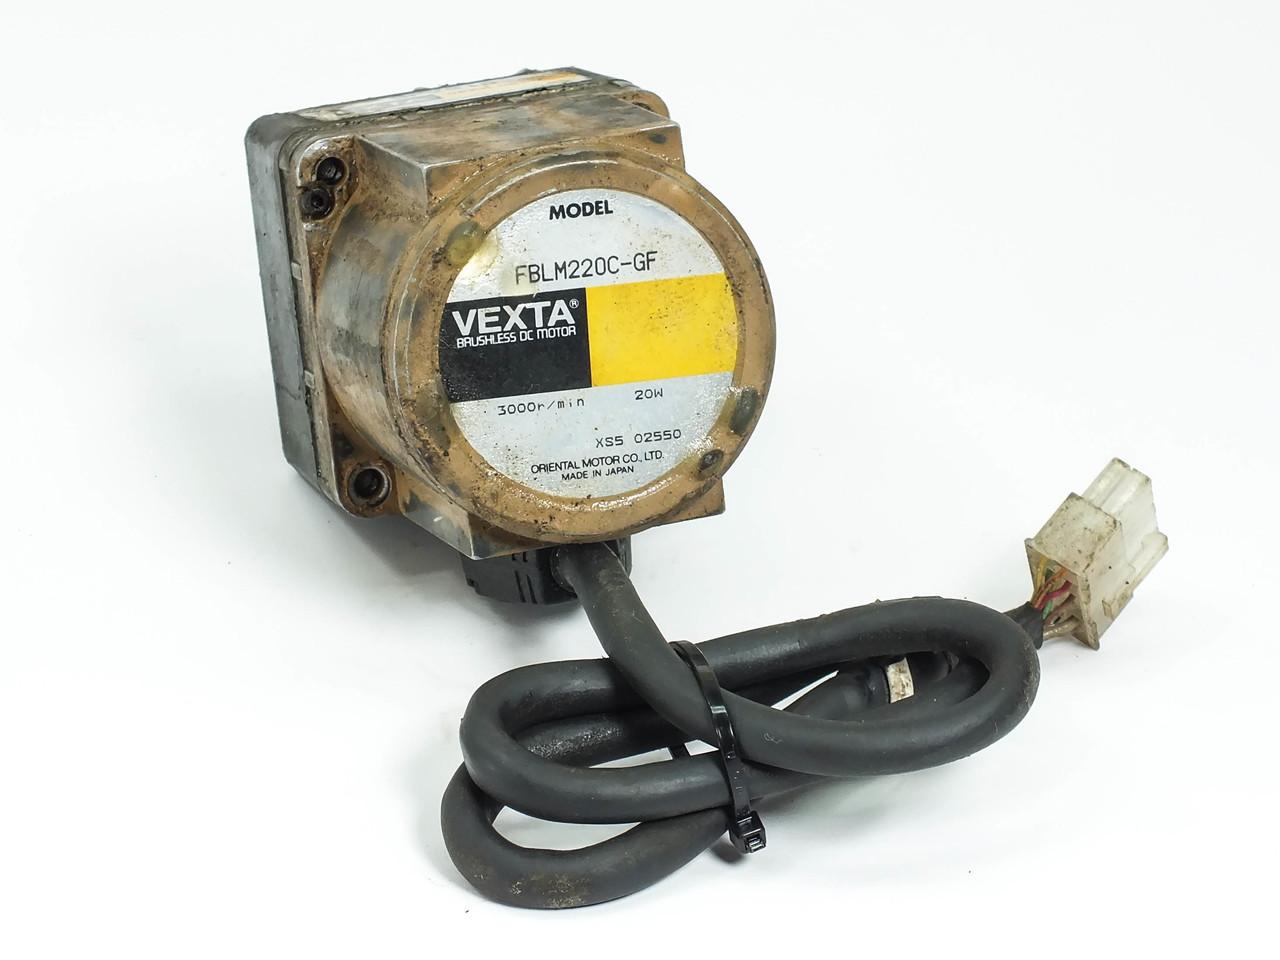 Oriental Motor Fblm220c Gf Vexta 20w Dc Brushless W Gf2g10 20 Wiring Diagram 201 Gear Head